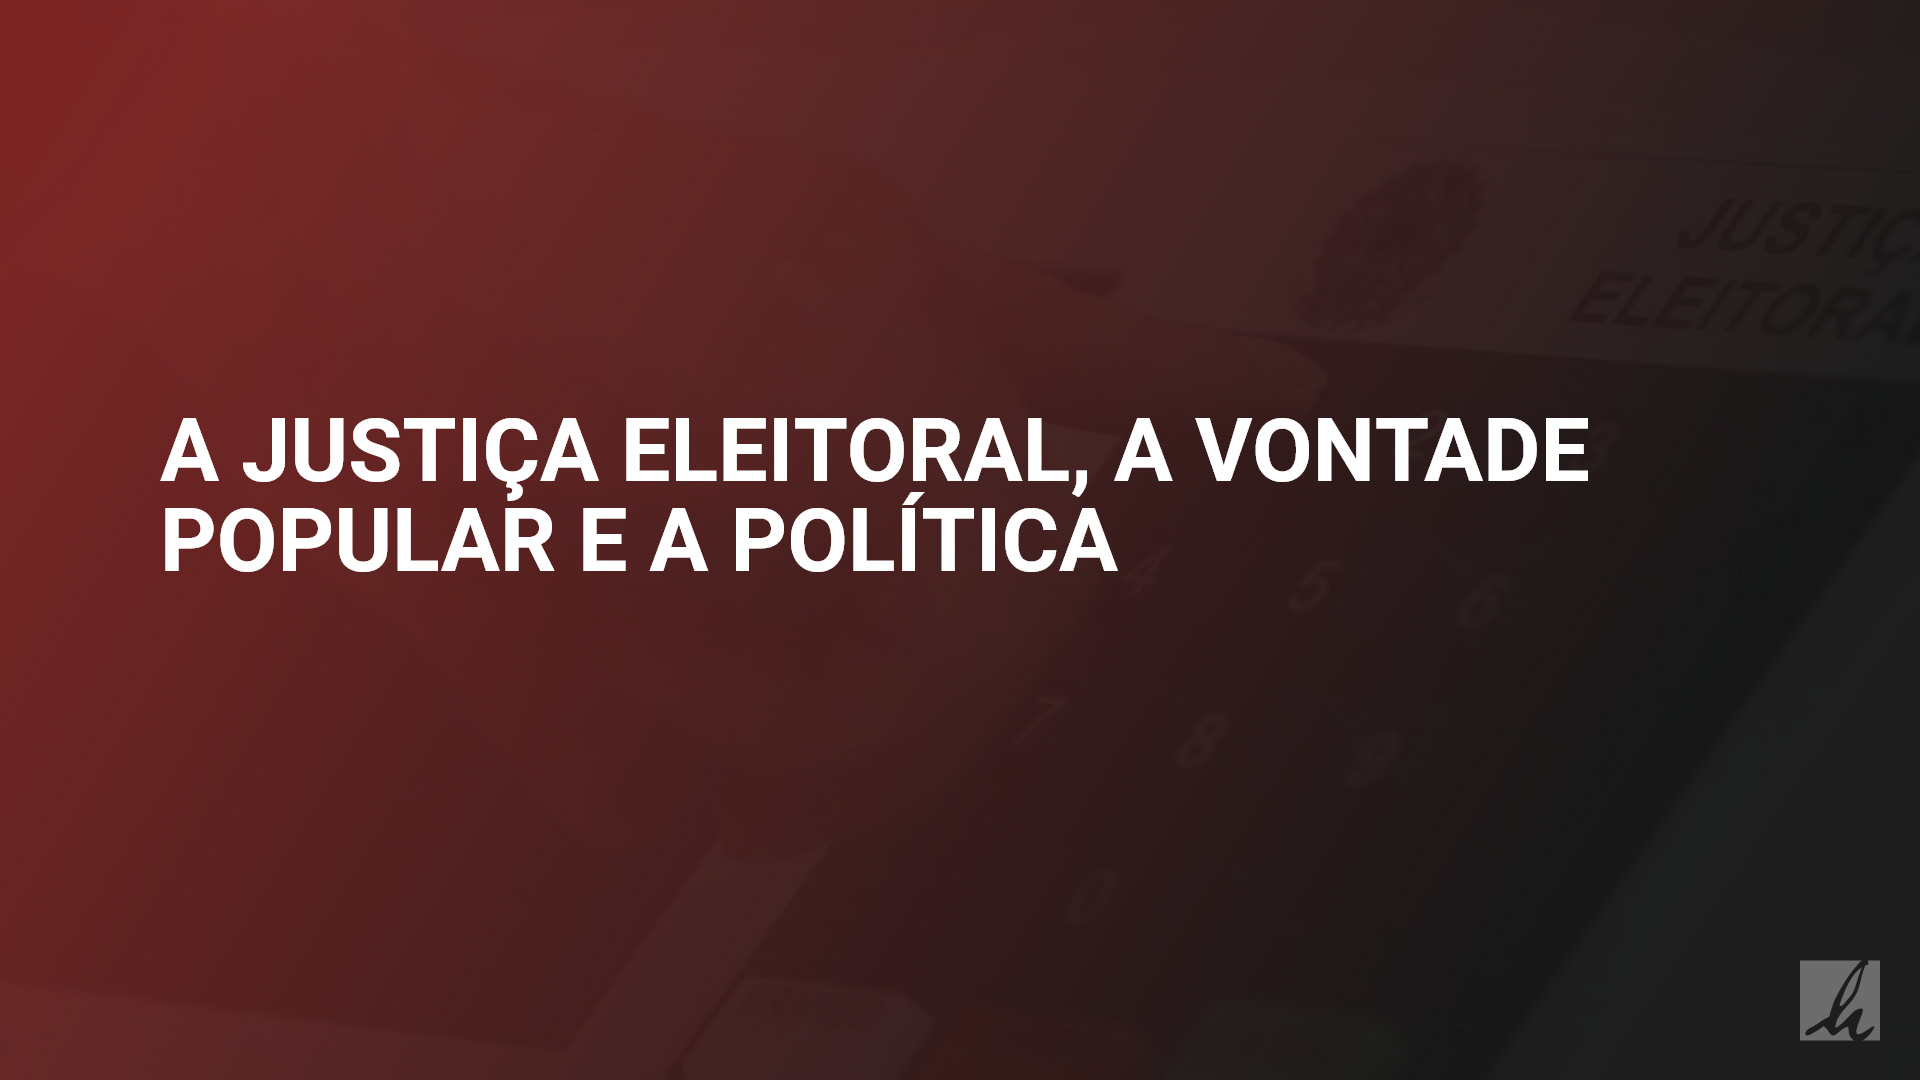 A Justiça Eleitoral, a vontade popular e a política